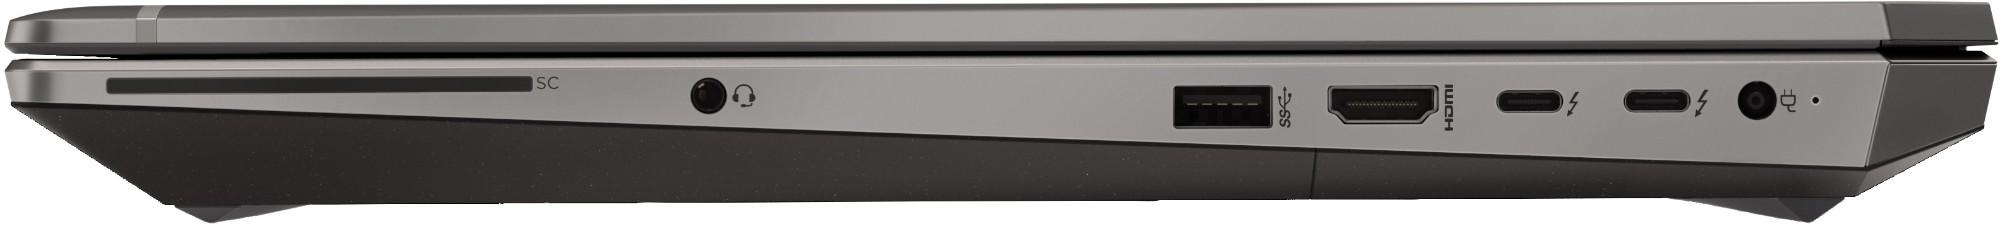 Zbook 15 G6 i7-9750H/16GB1/512GBM2/15.6